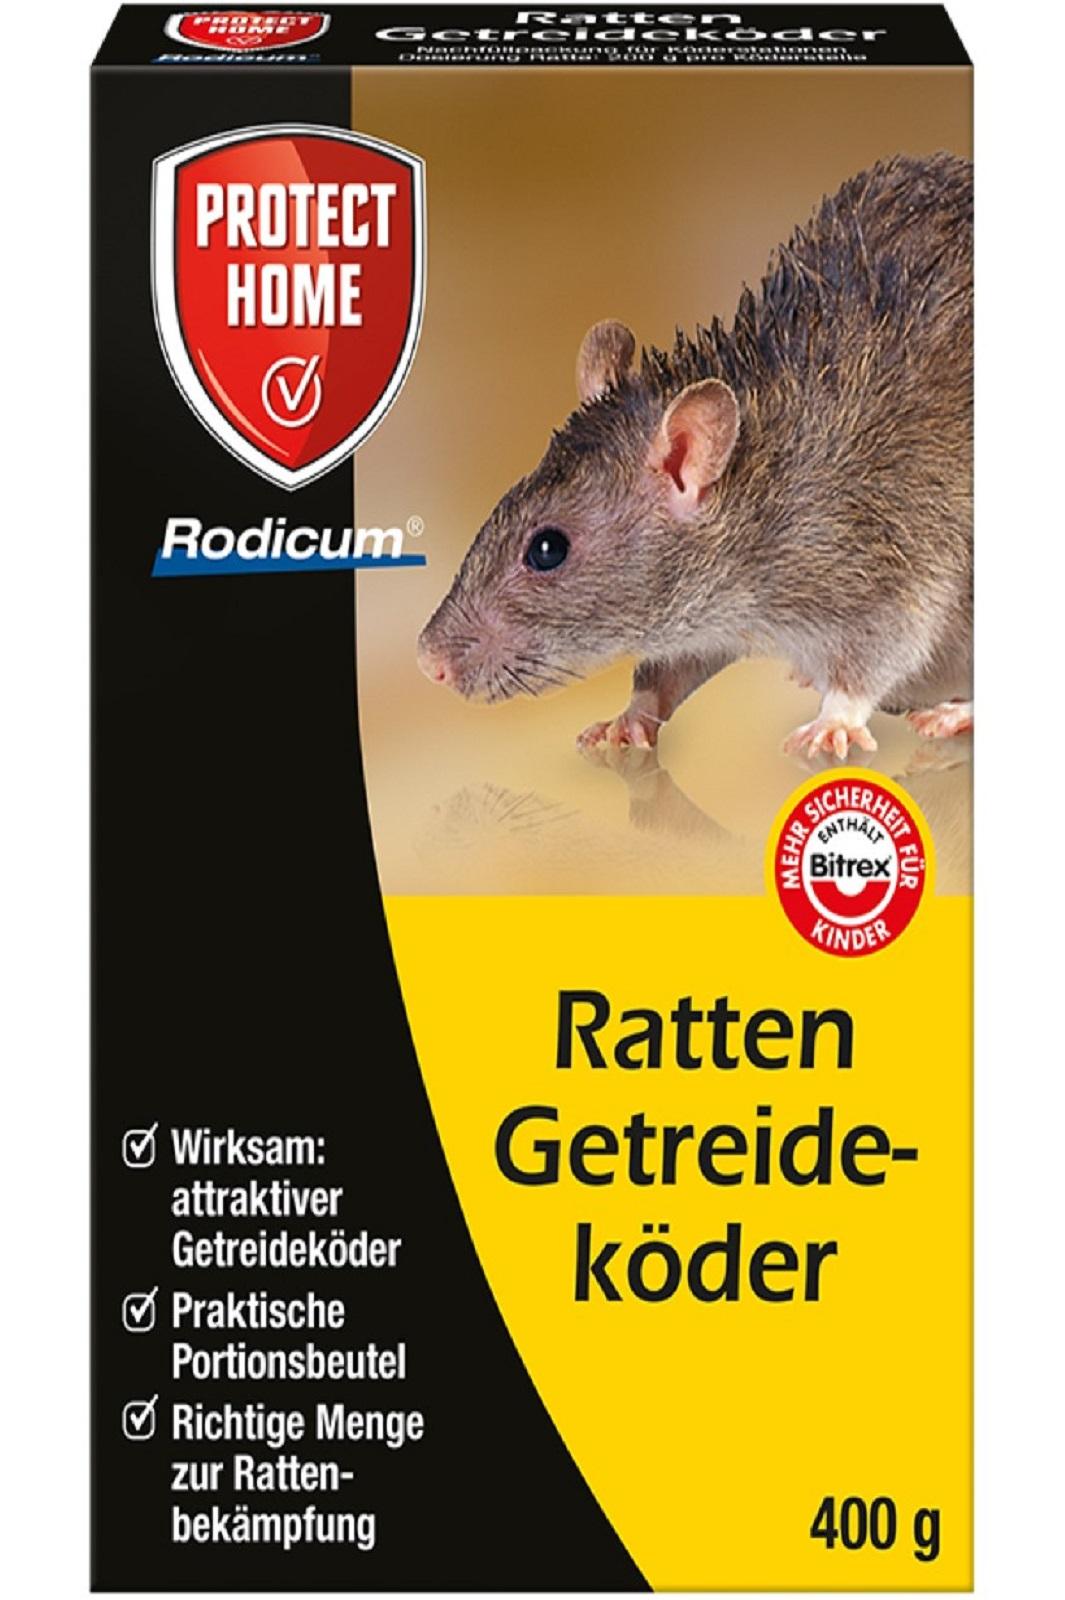 Protect Home  Rodicum Ratten Getreideköder 400 g Rattengift